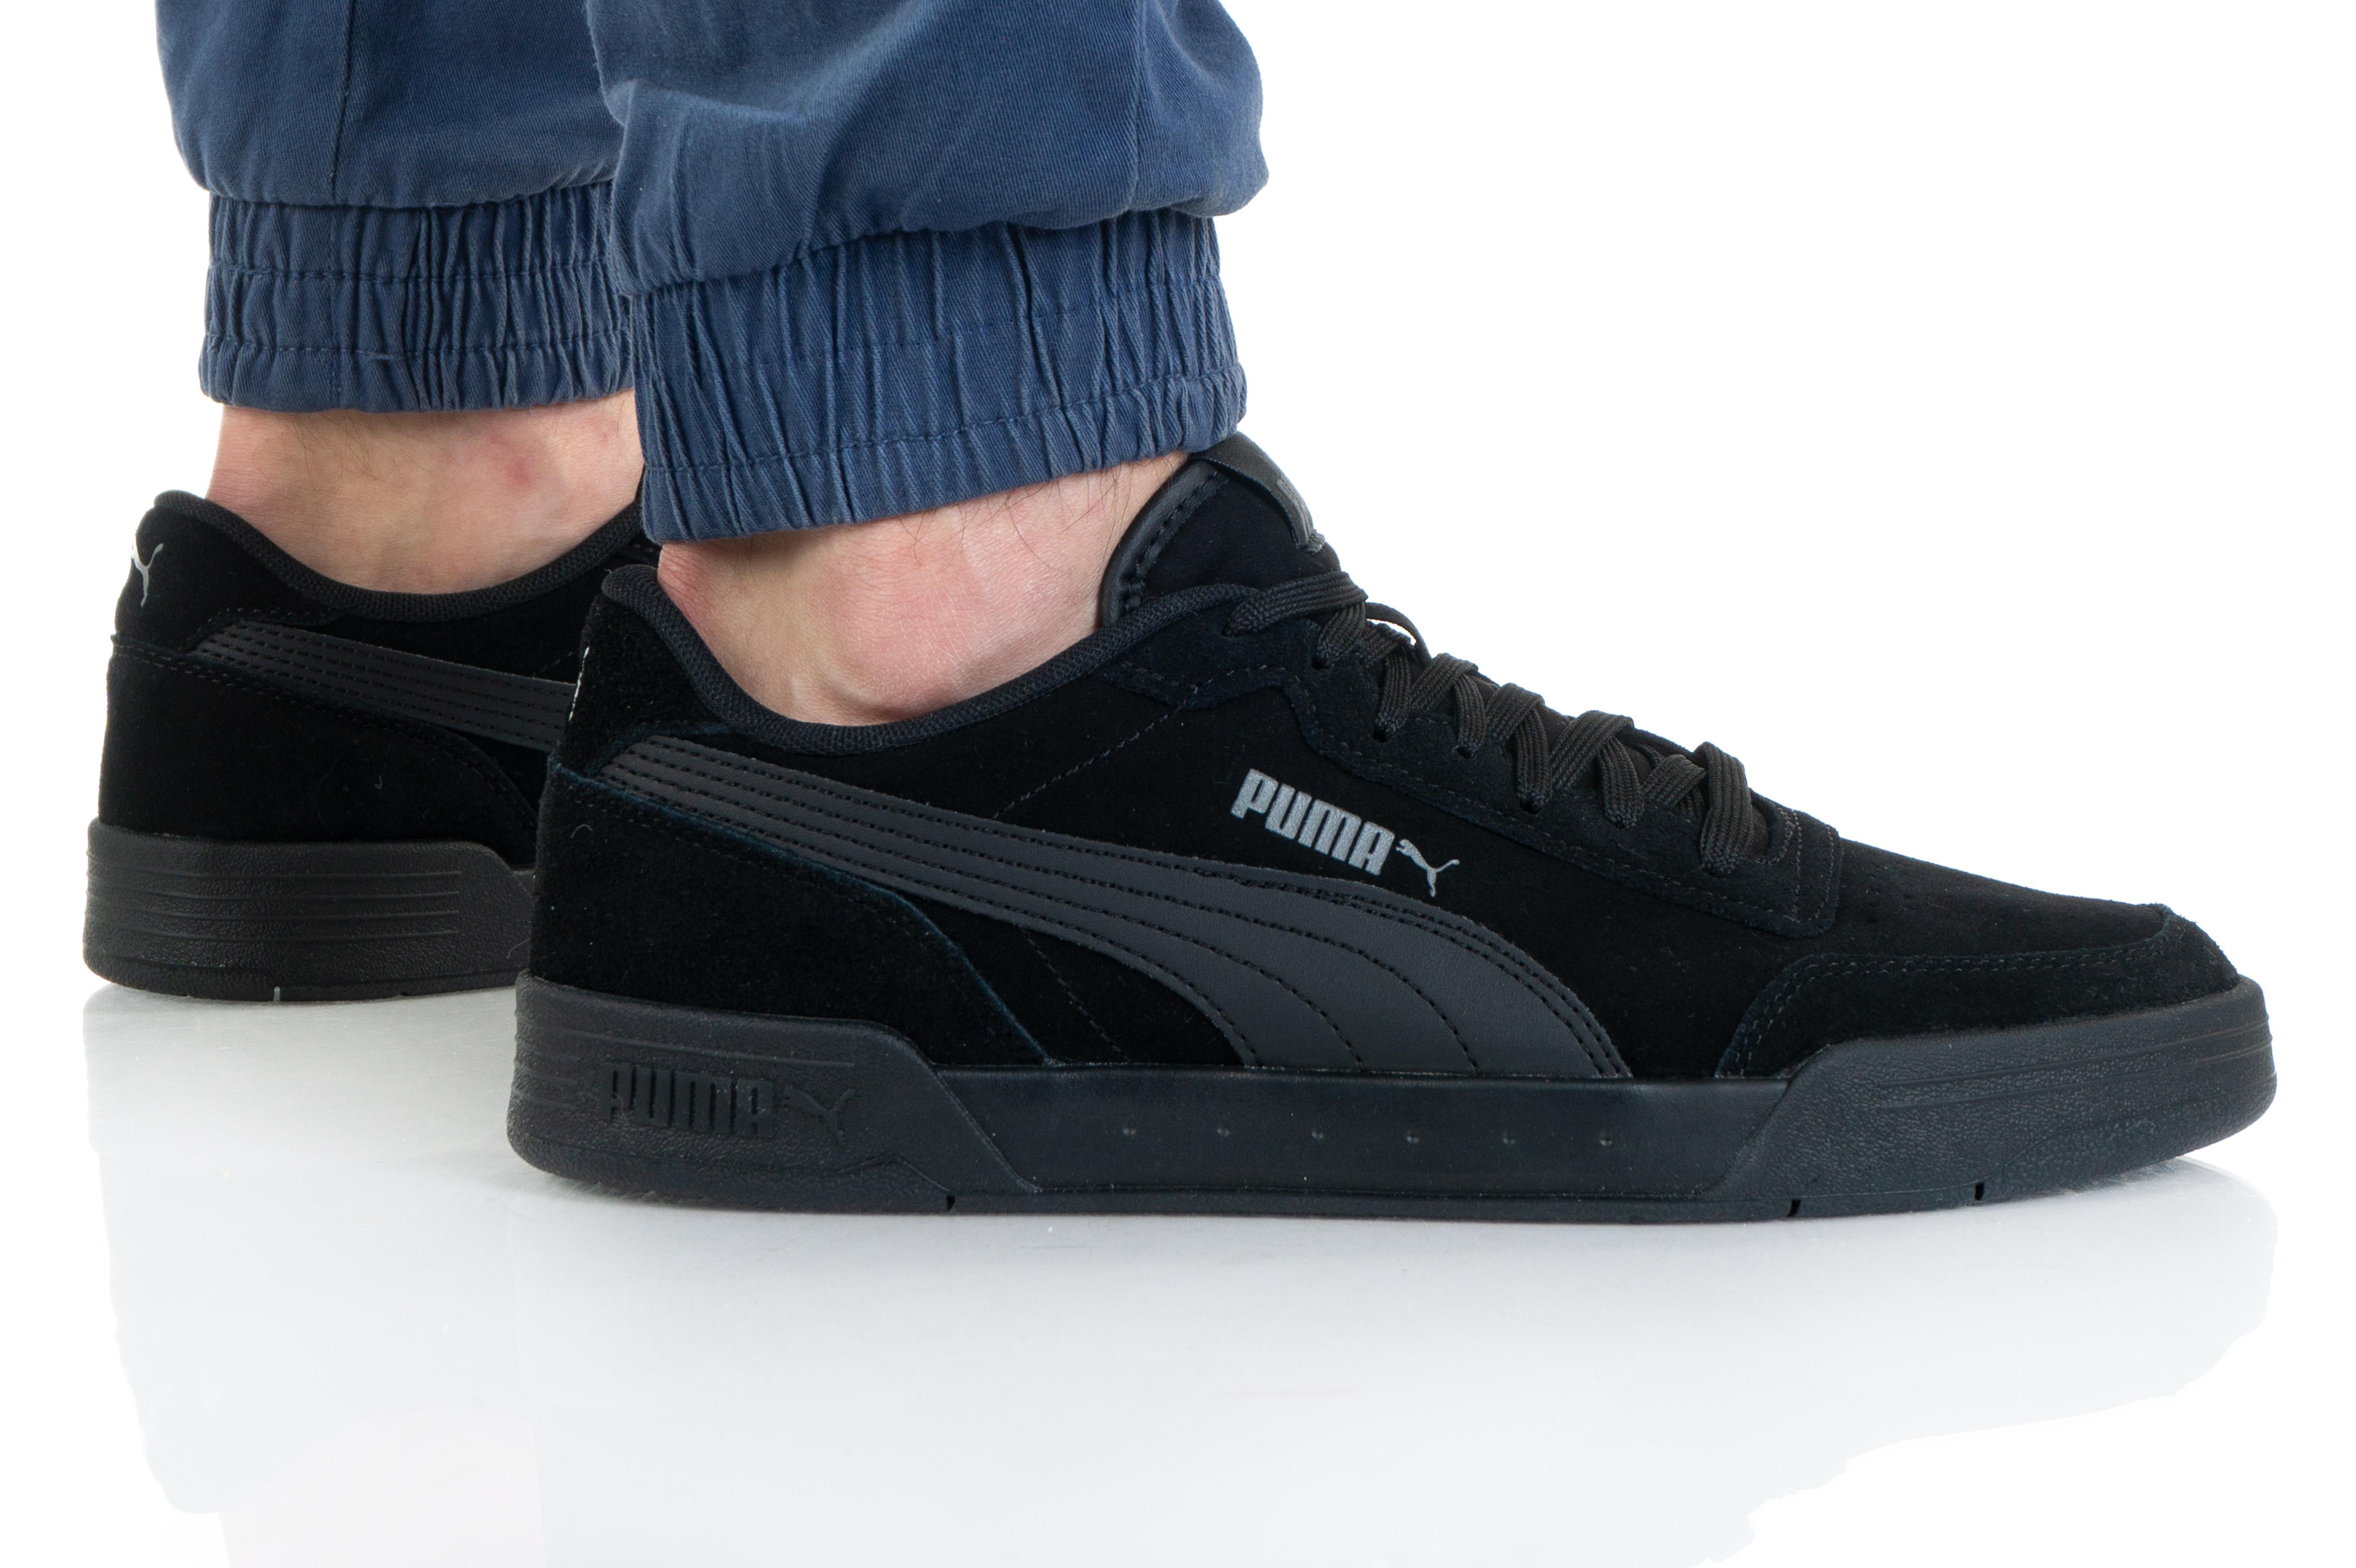 נעלי סניקרס פומה לגברים PUMA CARACAL SD - שחור